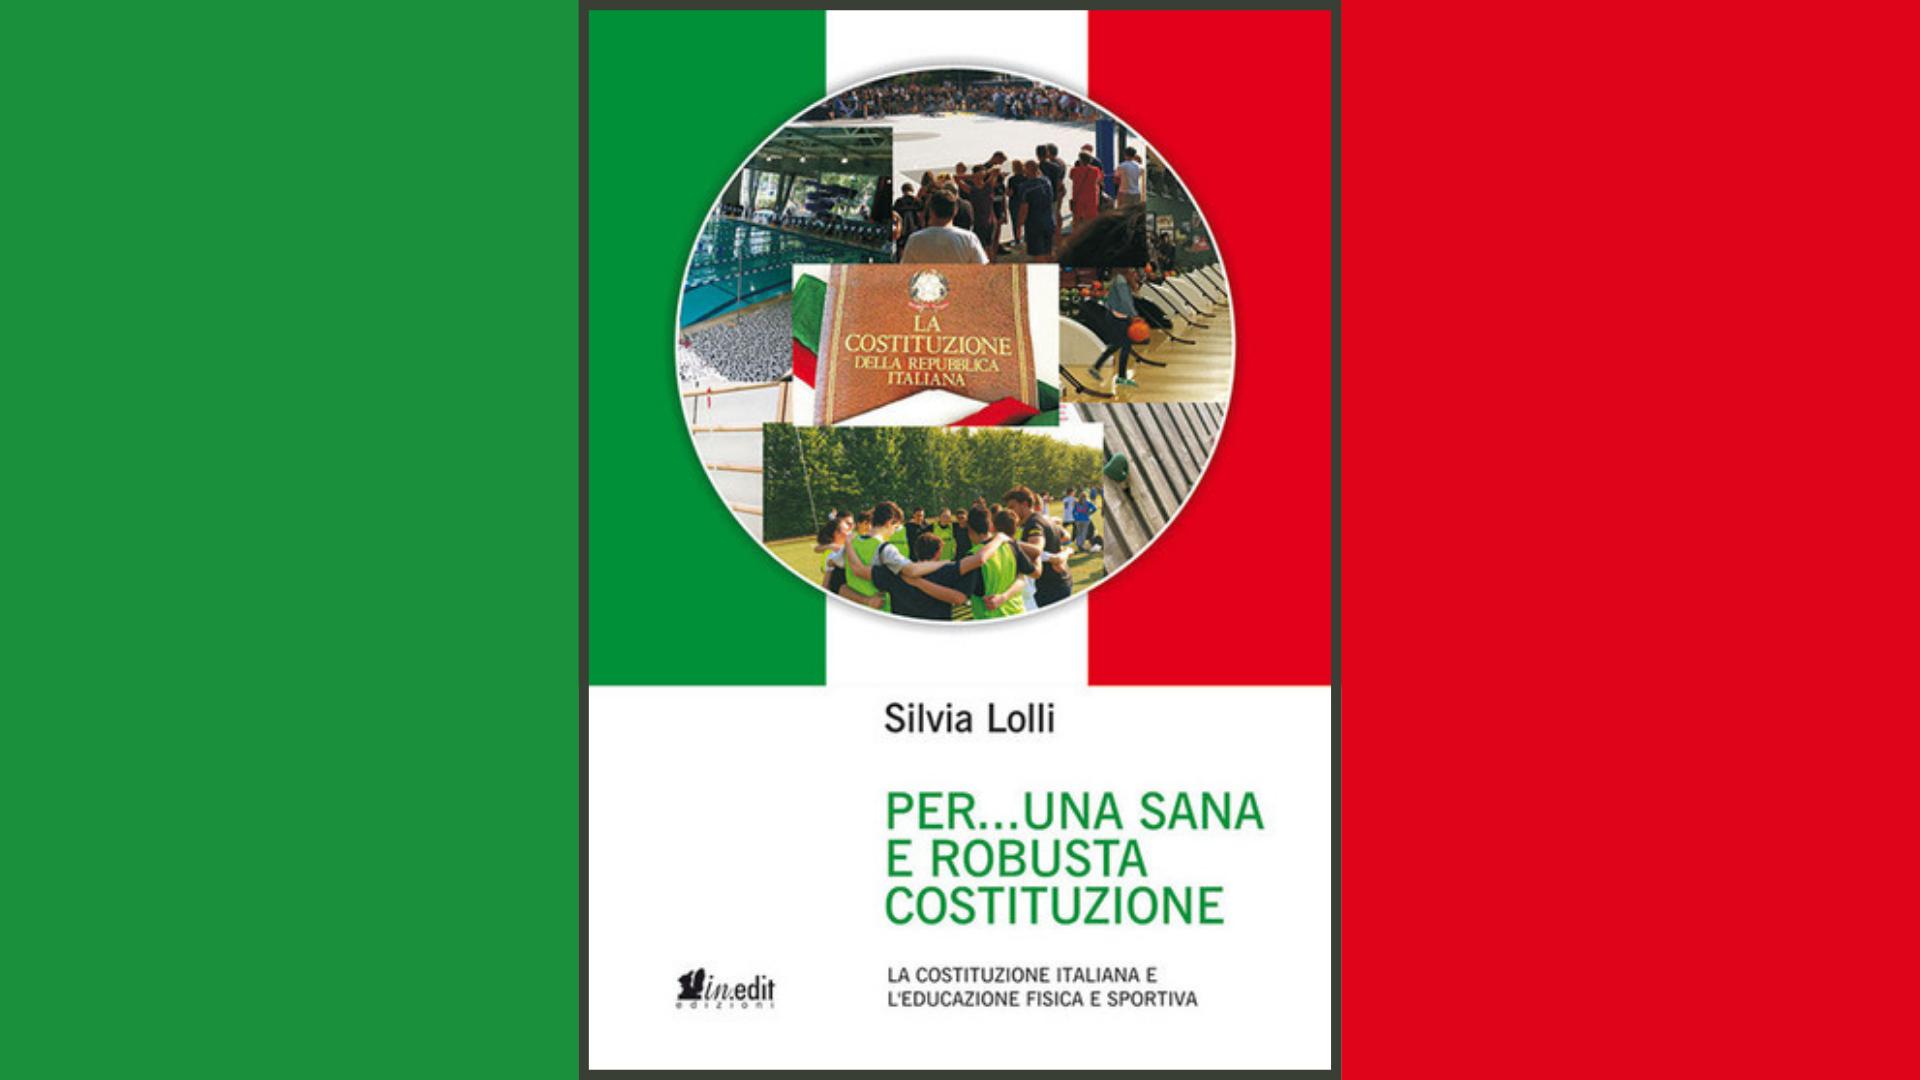 Il talento dell'Educazione fisico-sportiva per la costituzione italiana